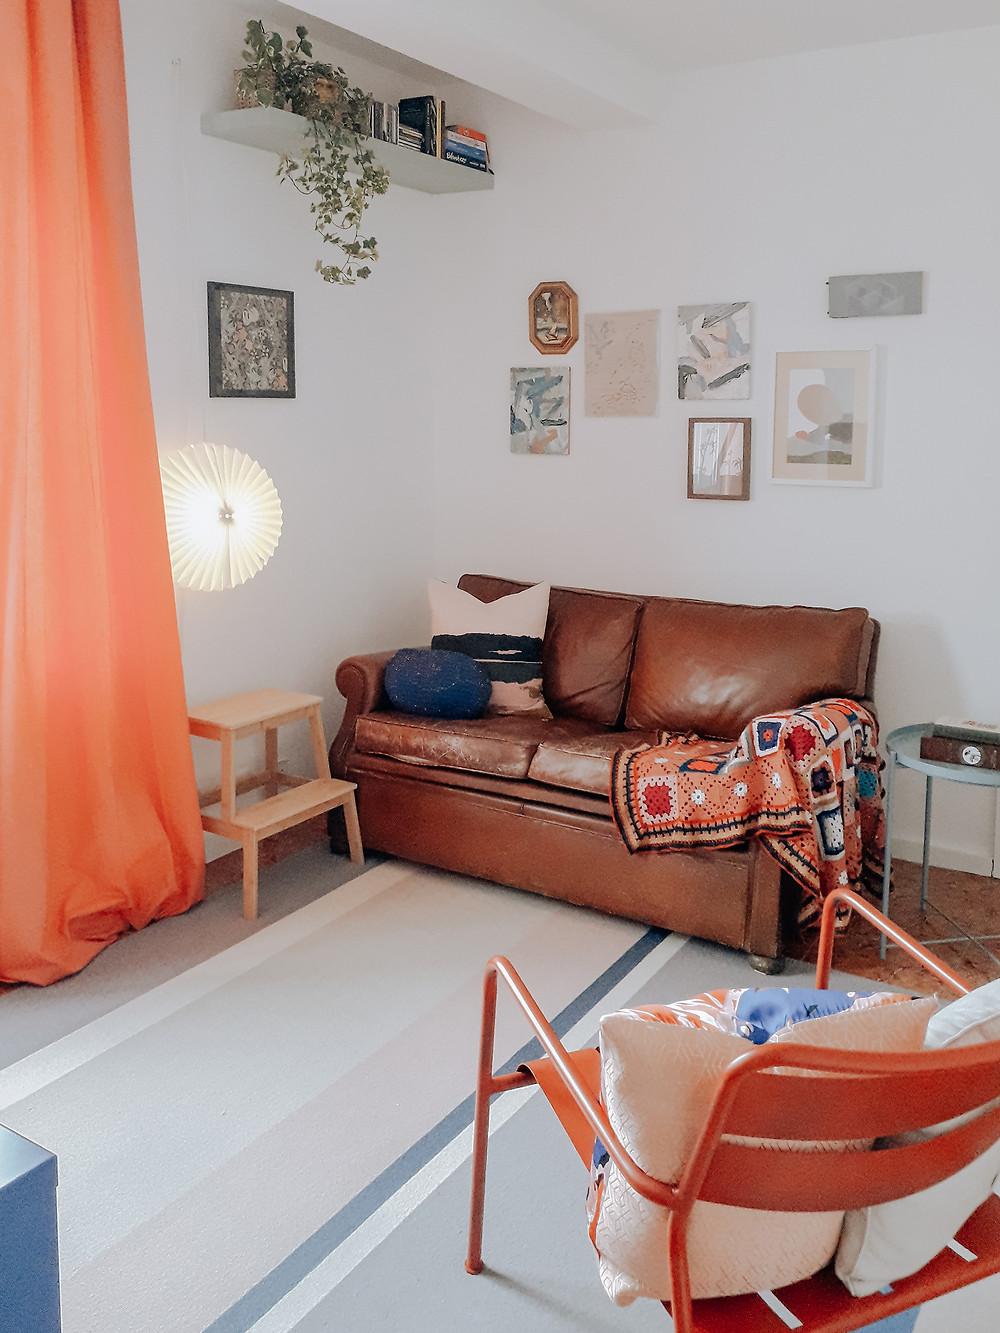 decoradores porto decoração Tangerinas & Pêssegos designers interirores